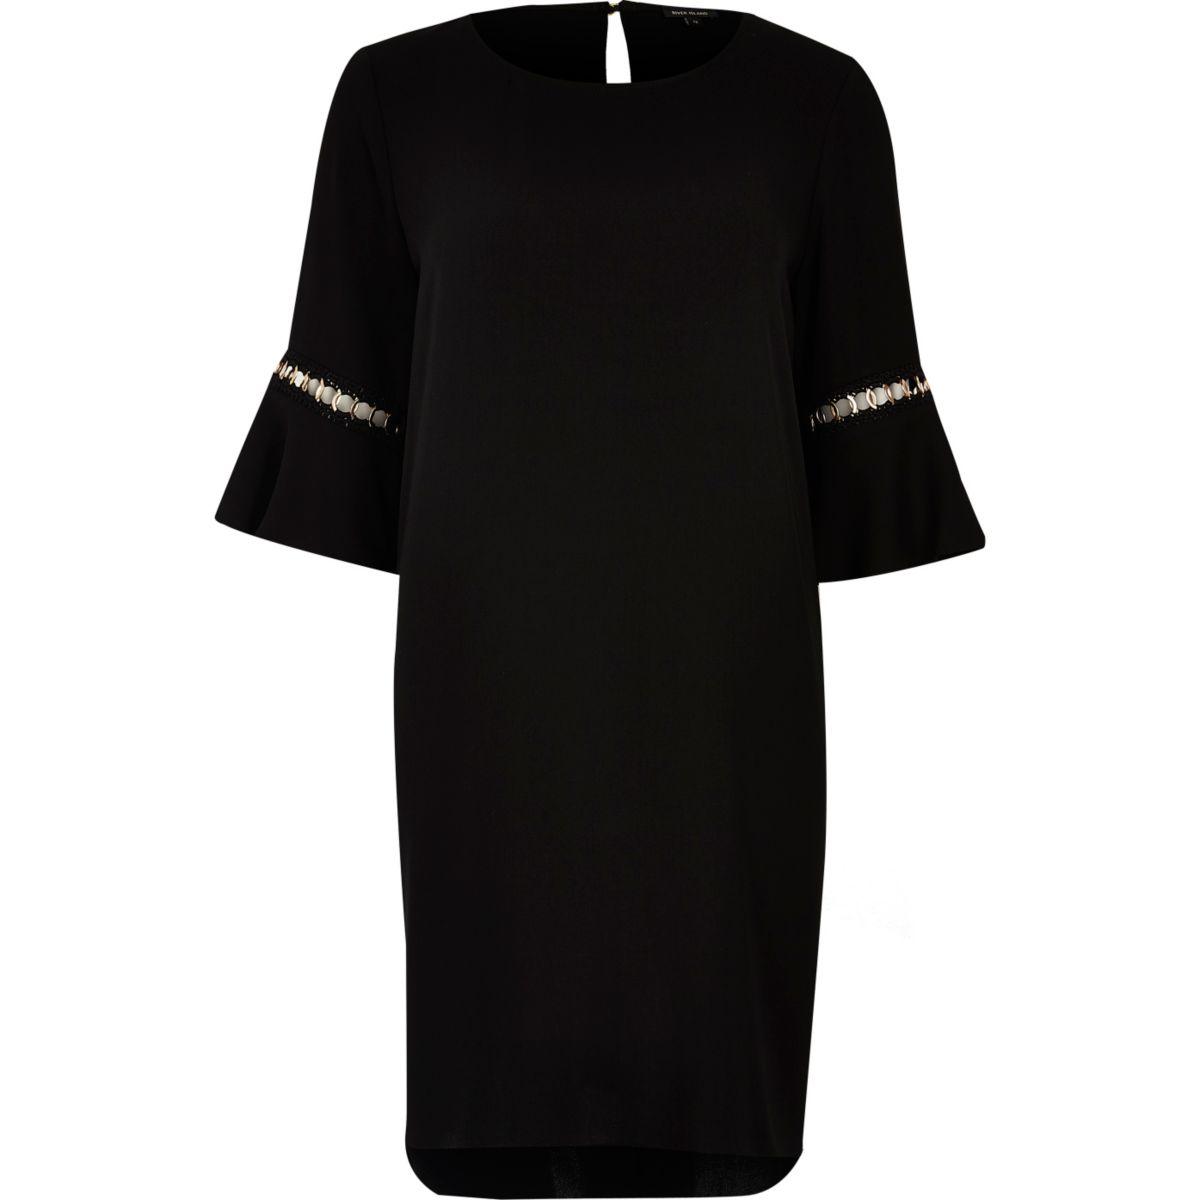 Black bell sleeve swing dress